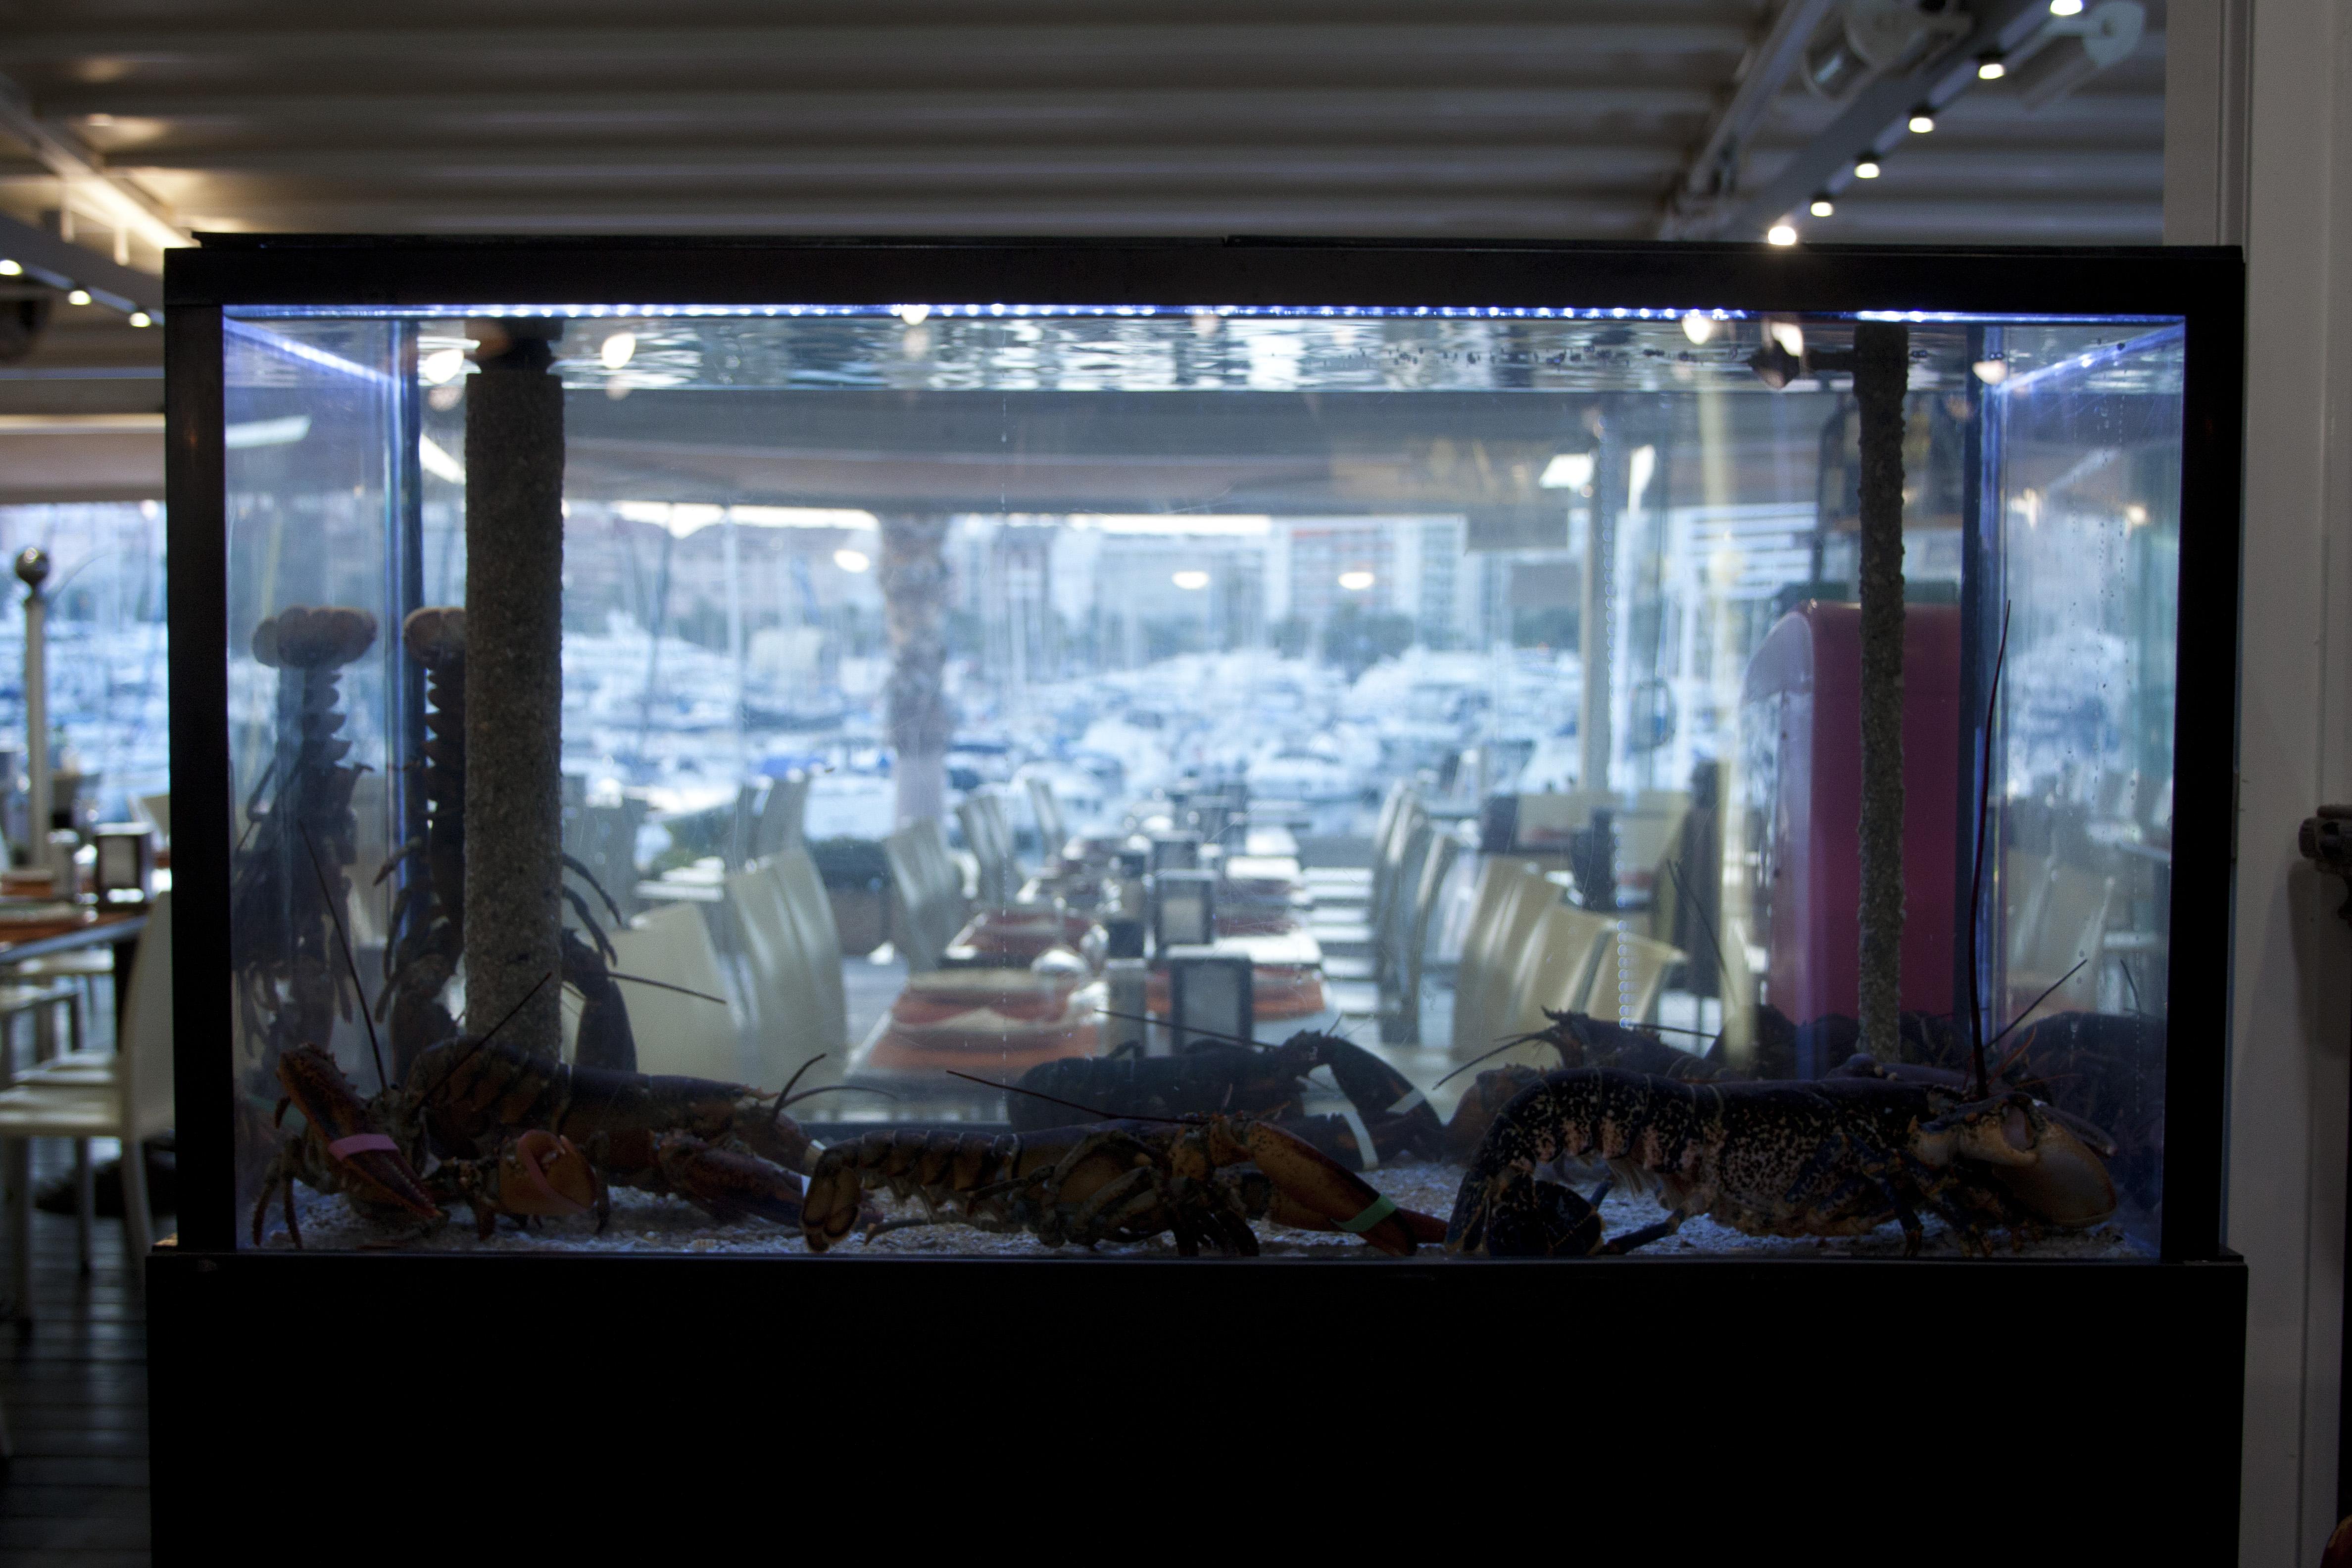 Vivero Para Marisco En El Restaurante El Chipirón - Acuarios Alicante